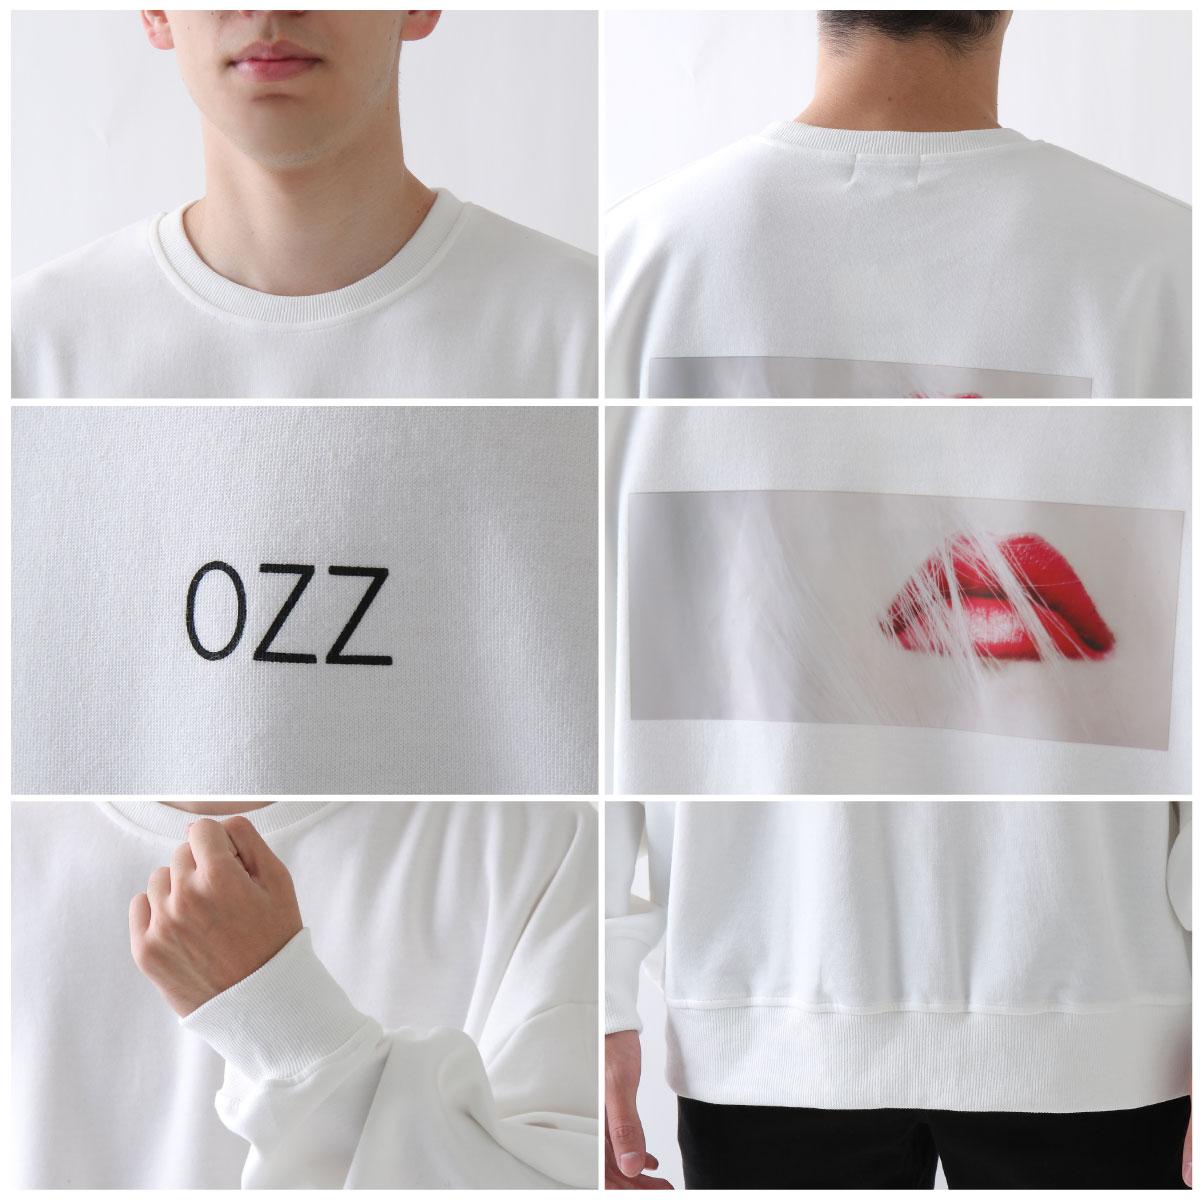 寬版運動衫 照片印刷設計 4